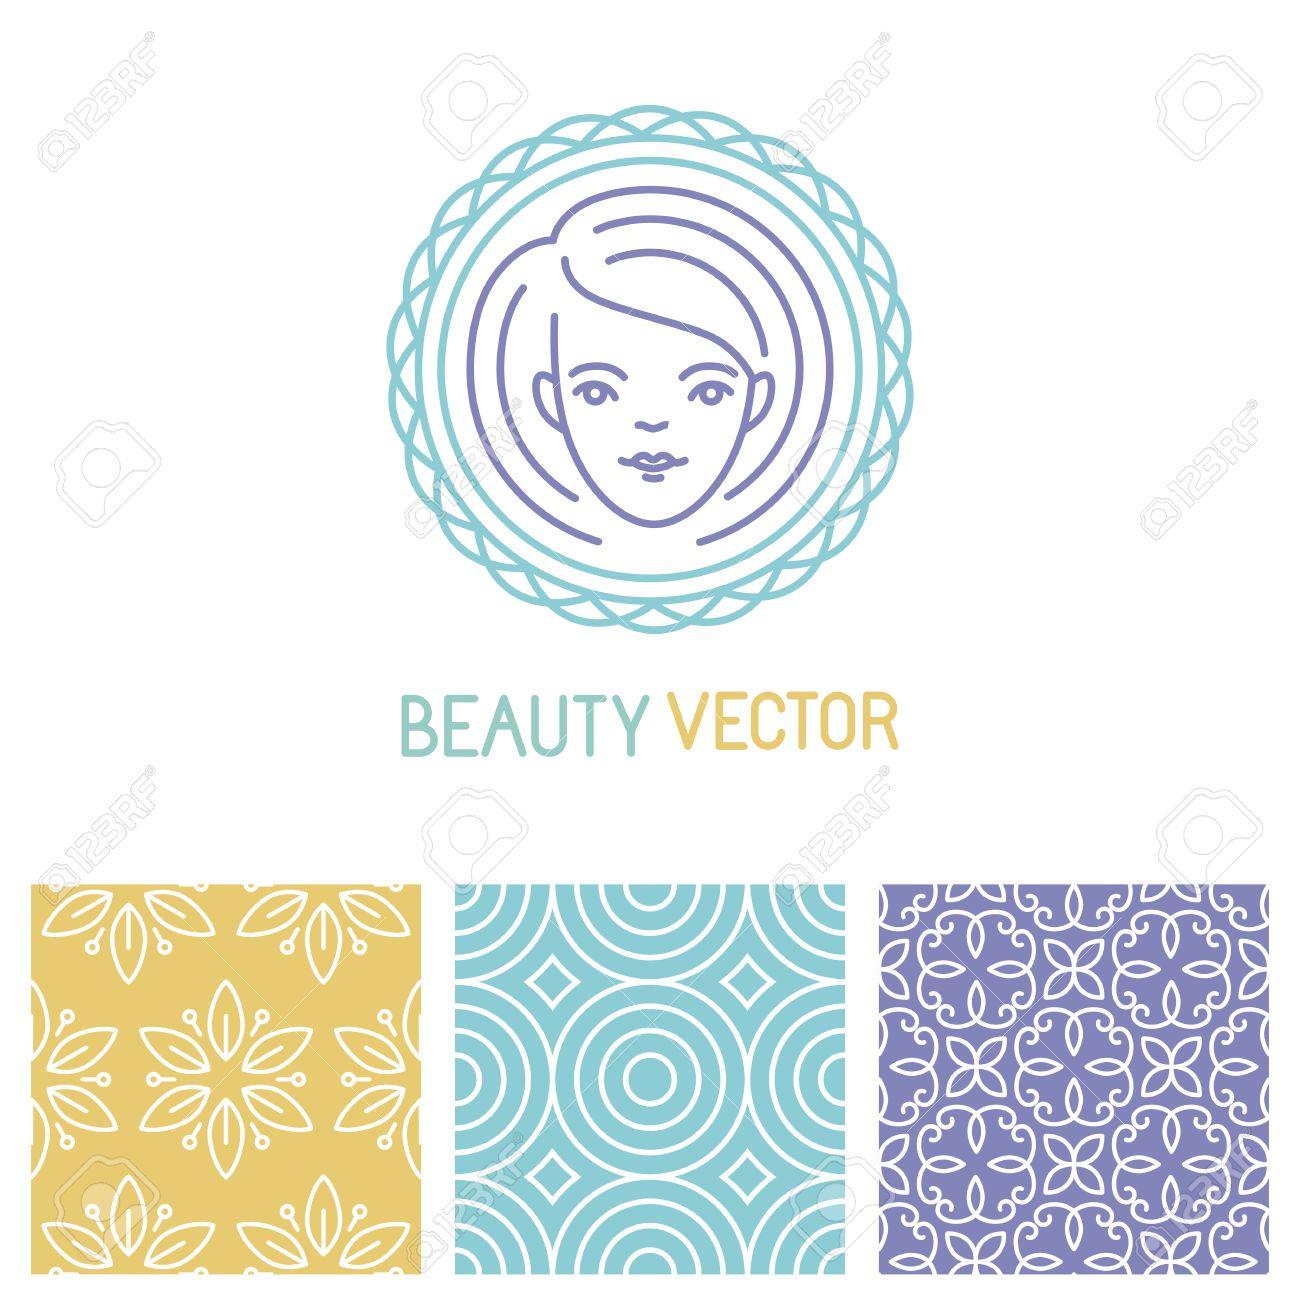 Vector Beauty Plantilla De Diseño De Logotipo En El Estilo Lineal De ...